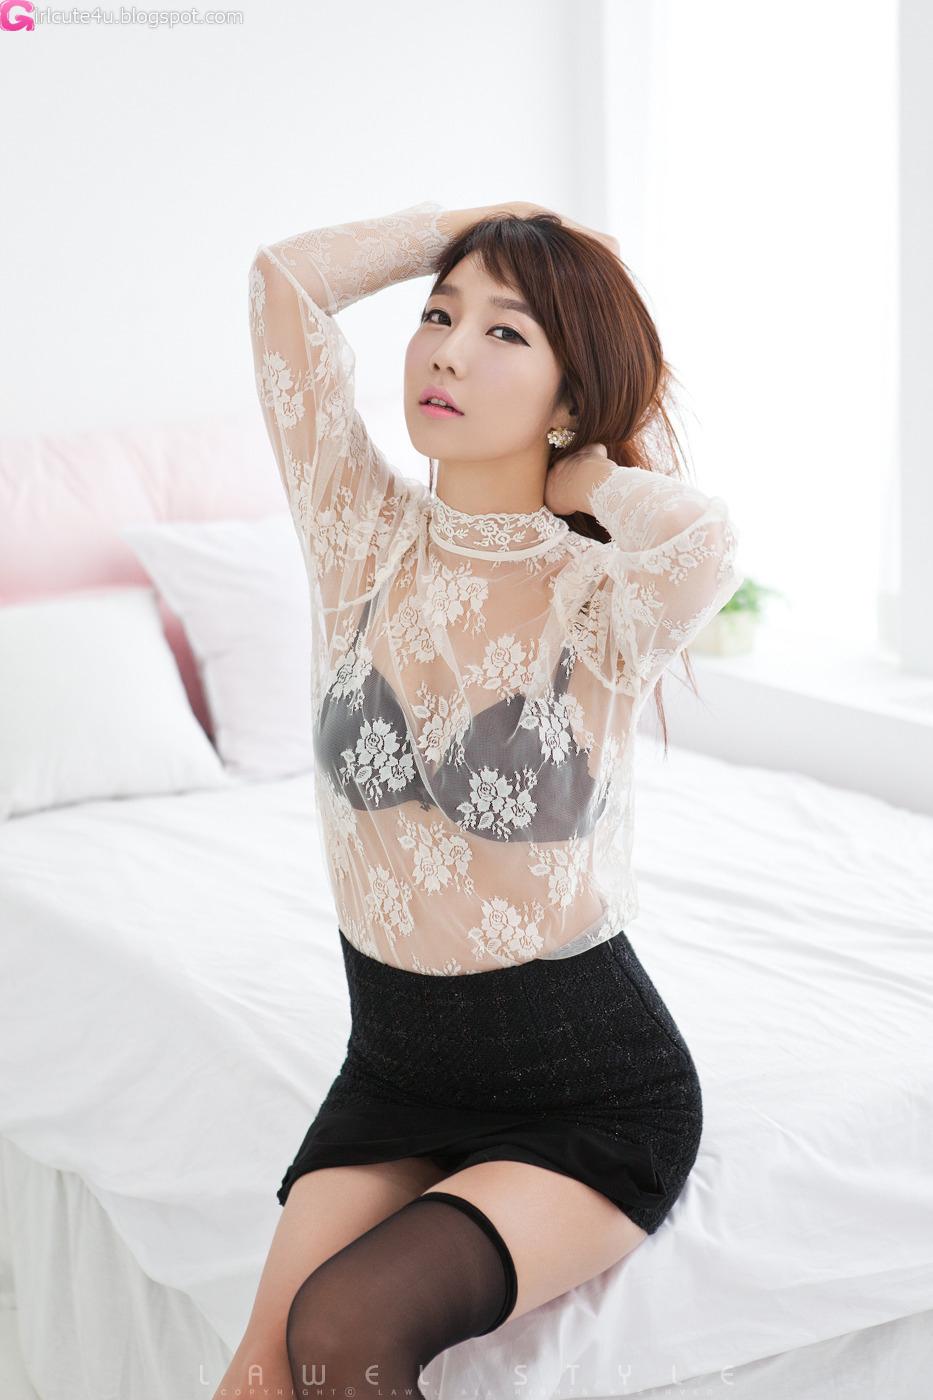 Xxx nude girls: Go Jung Ah in Black